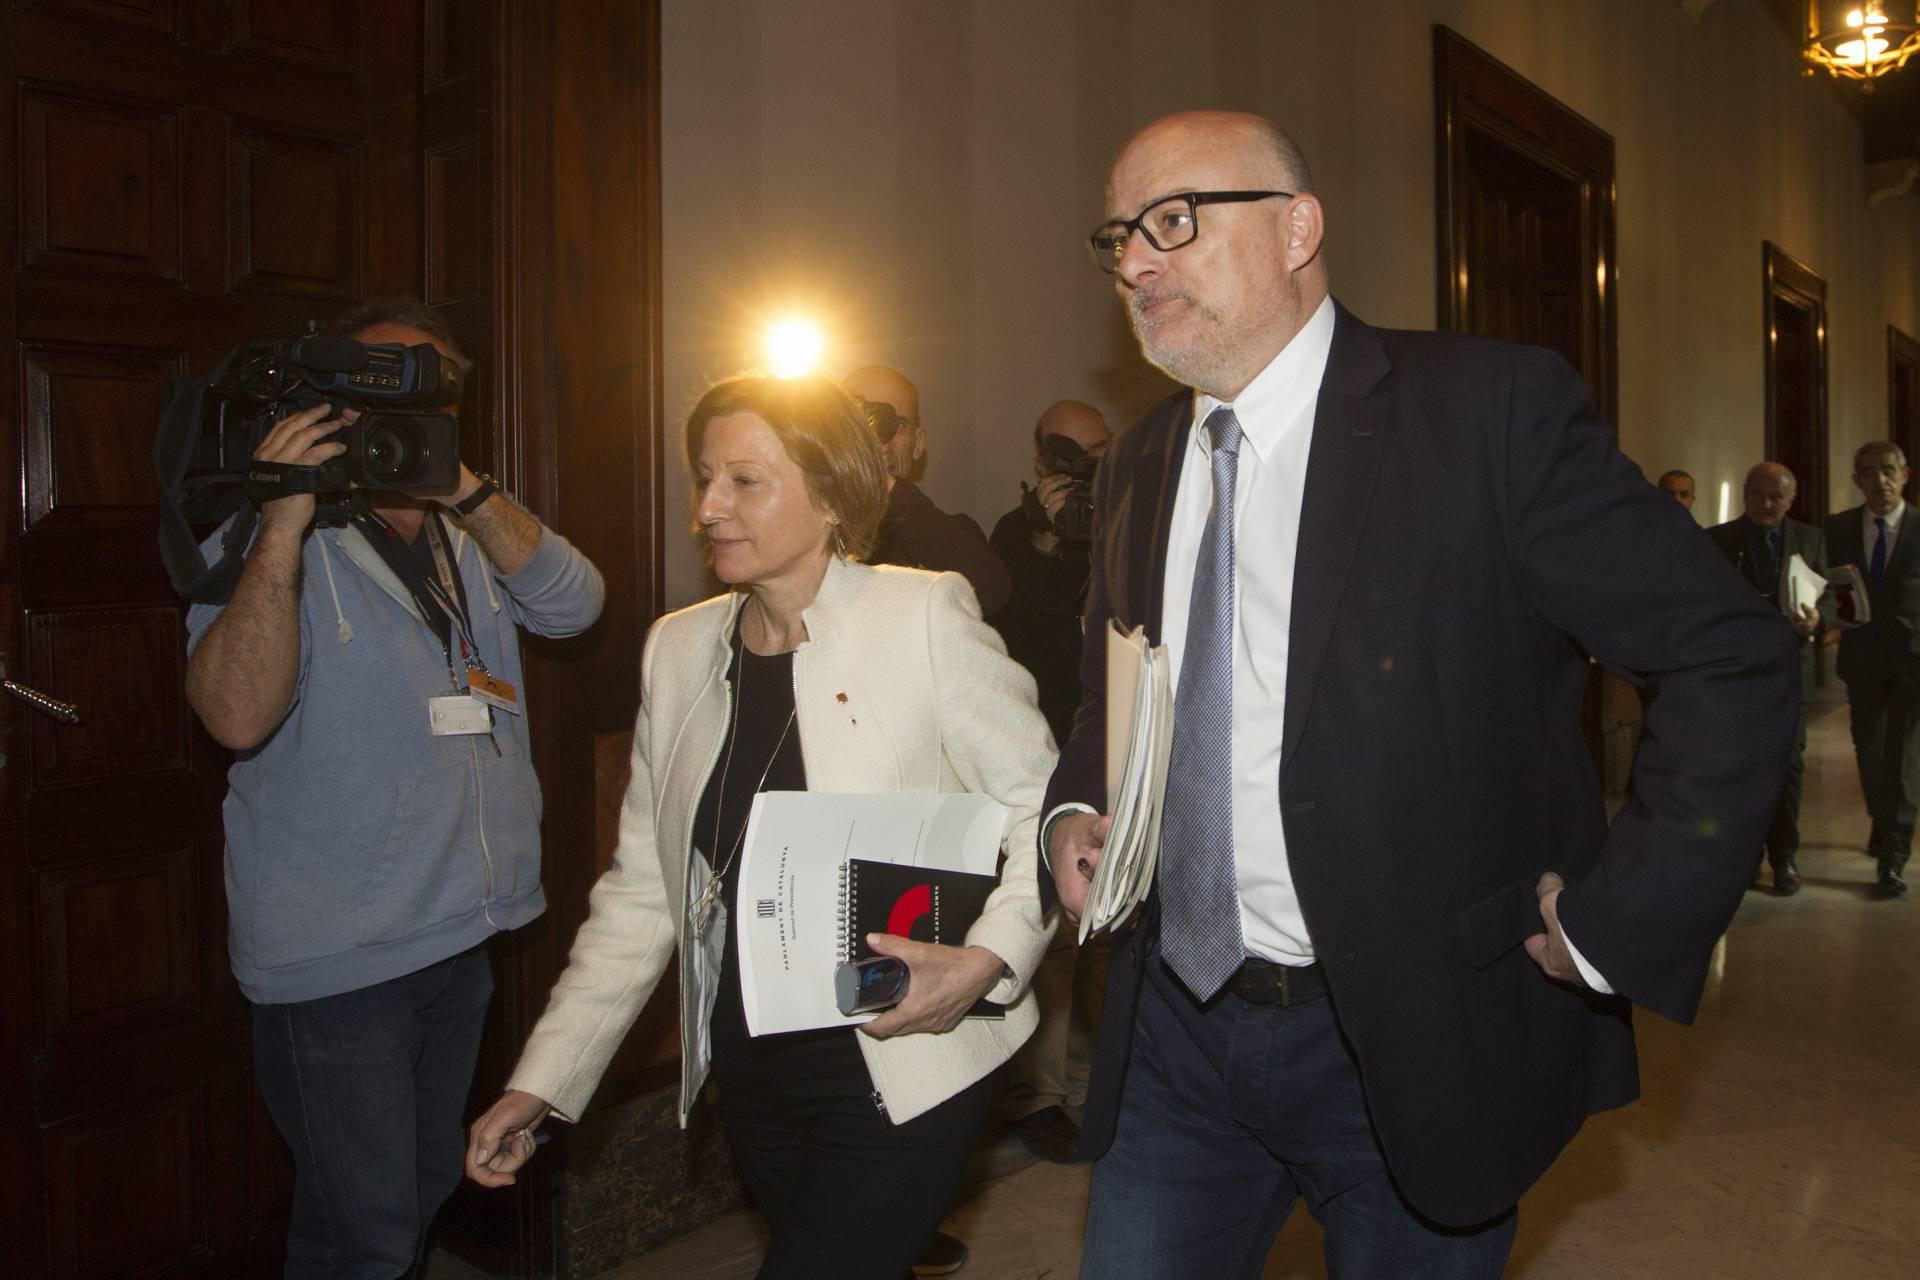 La presidenta del Parlament, Carme Forcadell, y el vicepresidente primero, Lluís M. Corominas,